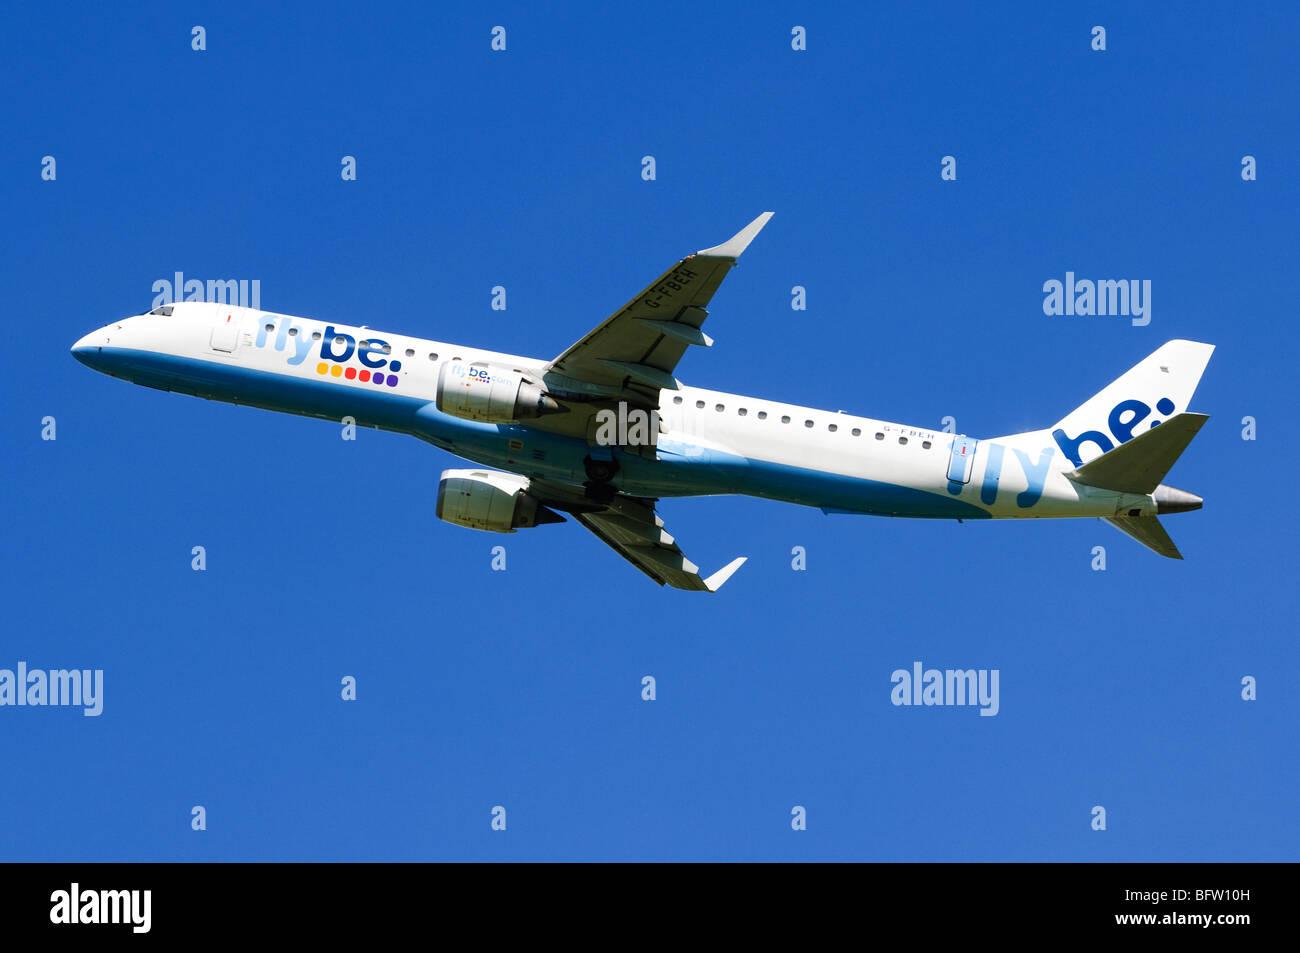 Embraer ERJ-190 operados por Flybe escalada de despegue en el aeropuerto de Birmingham, Reino Unido. Imagen De Stock